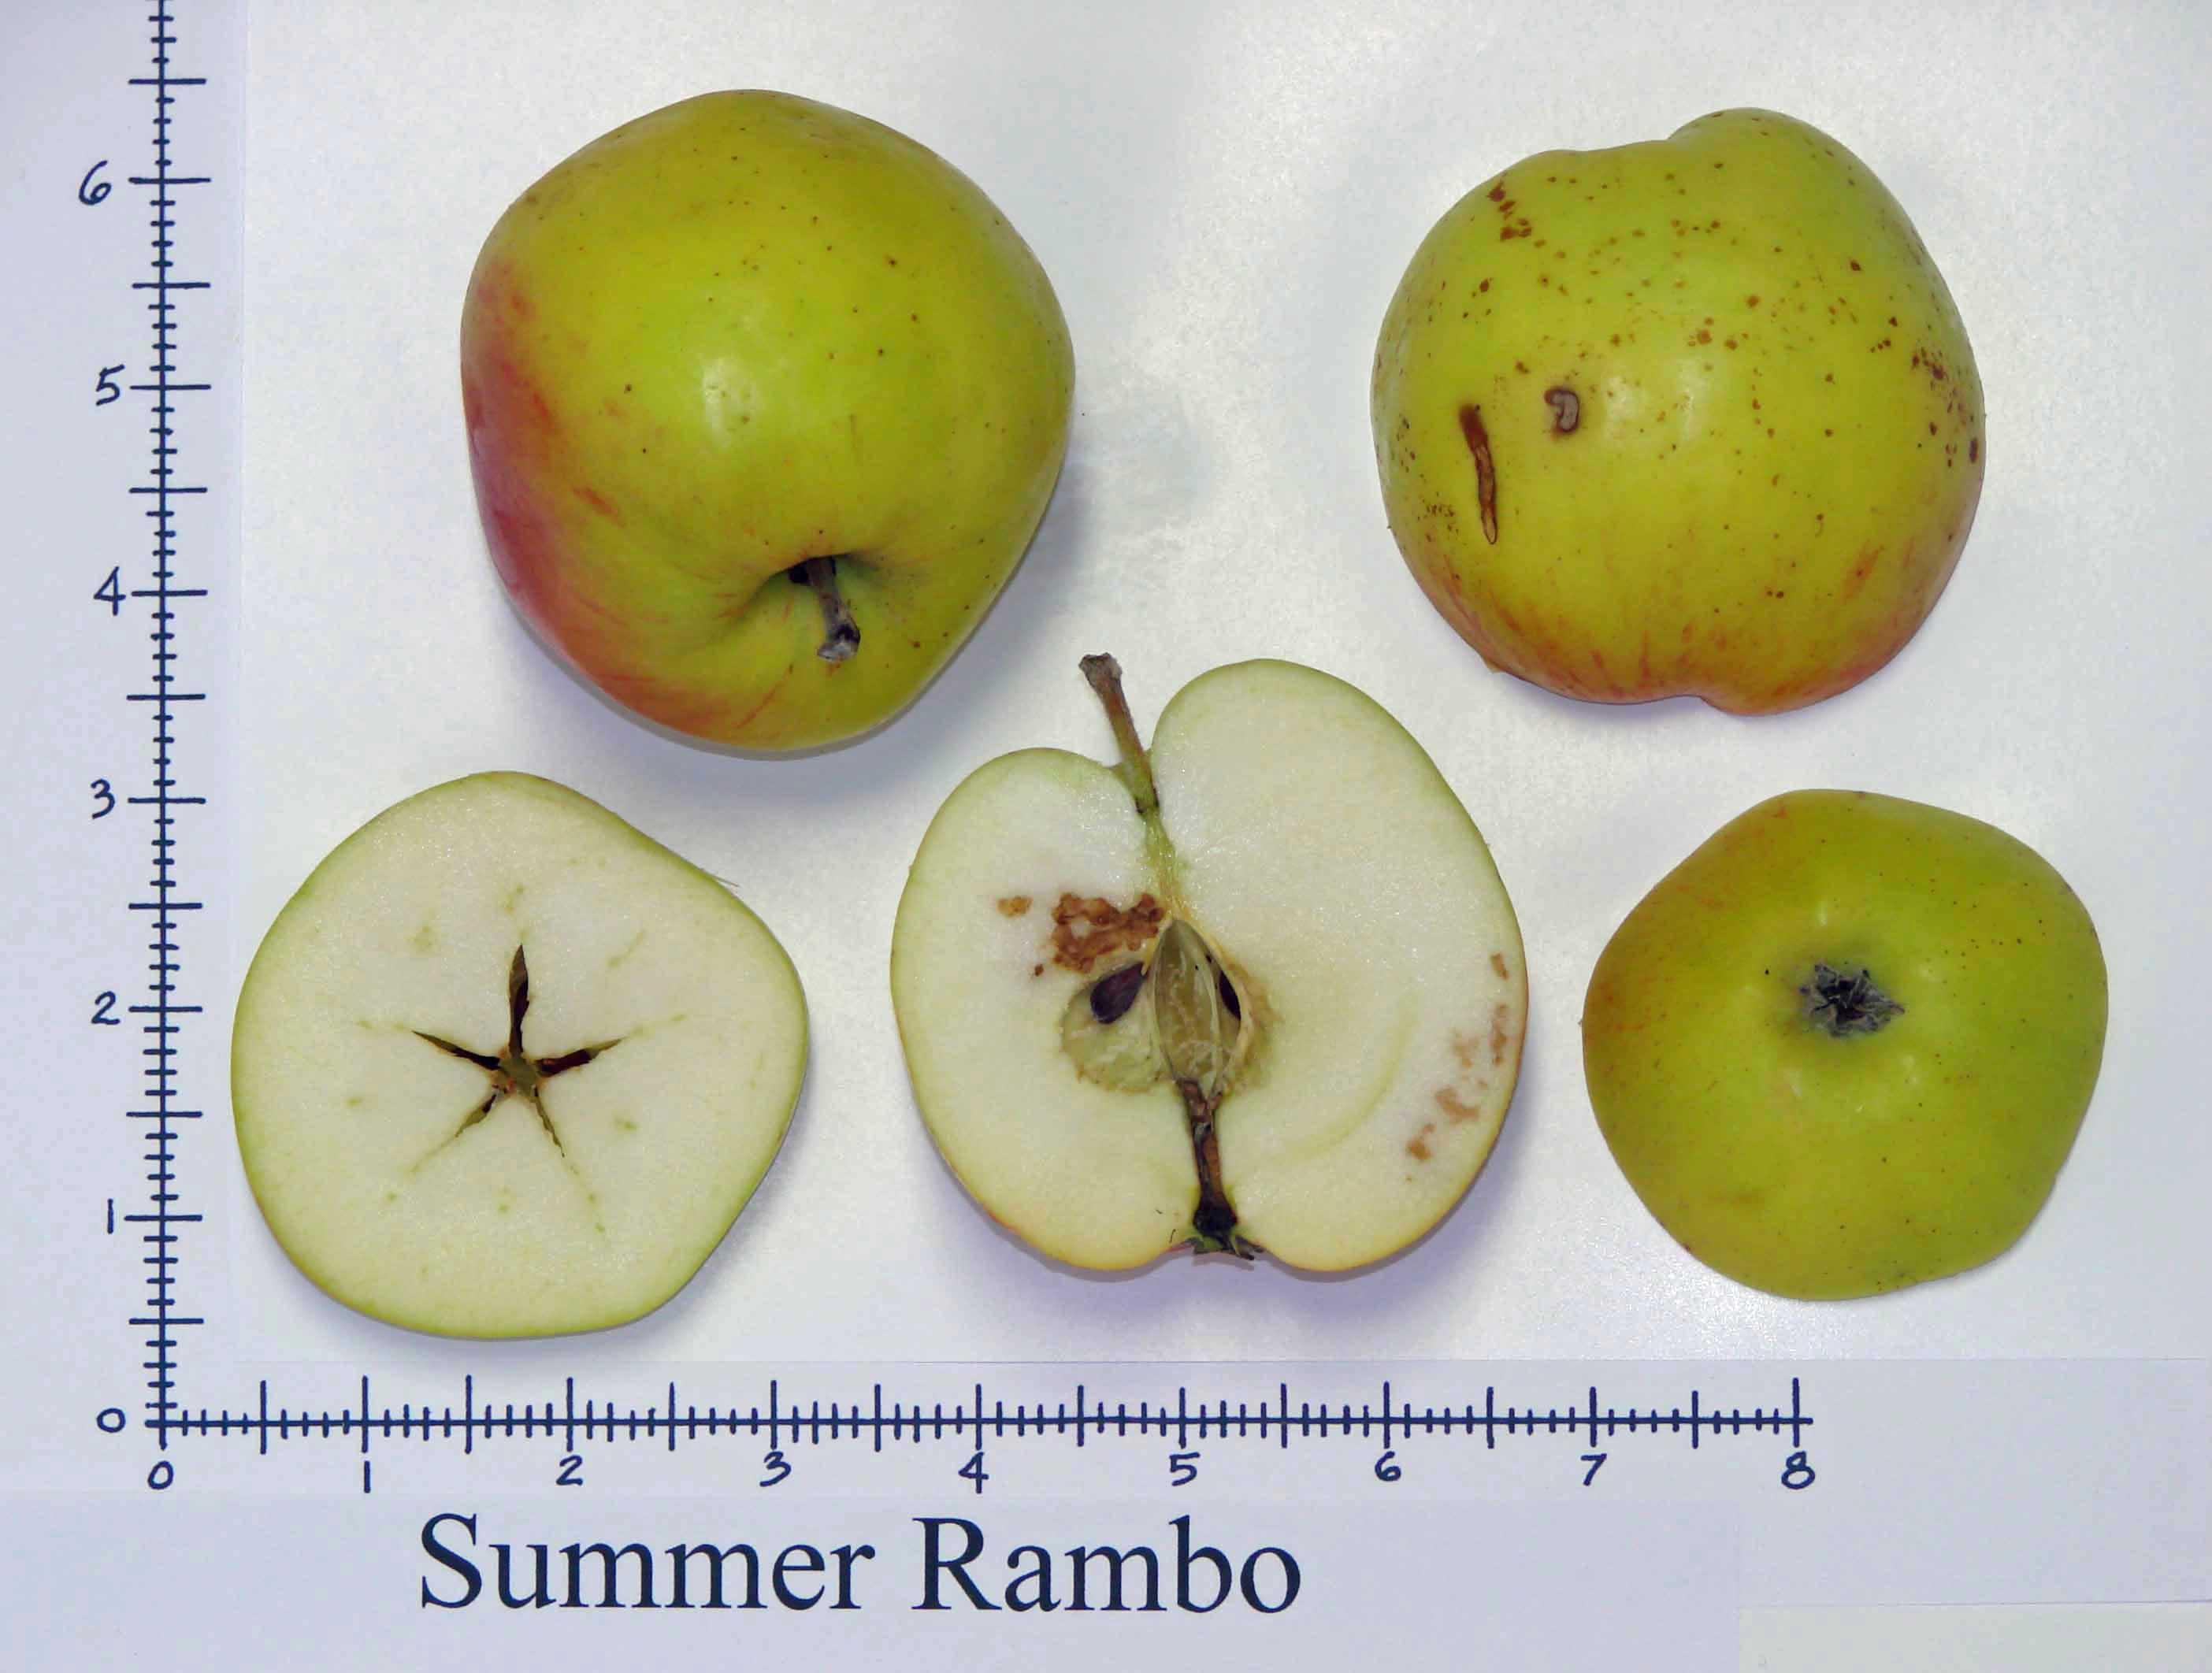 Summer Rambo